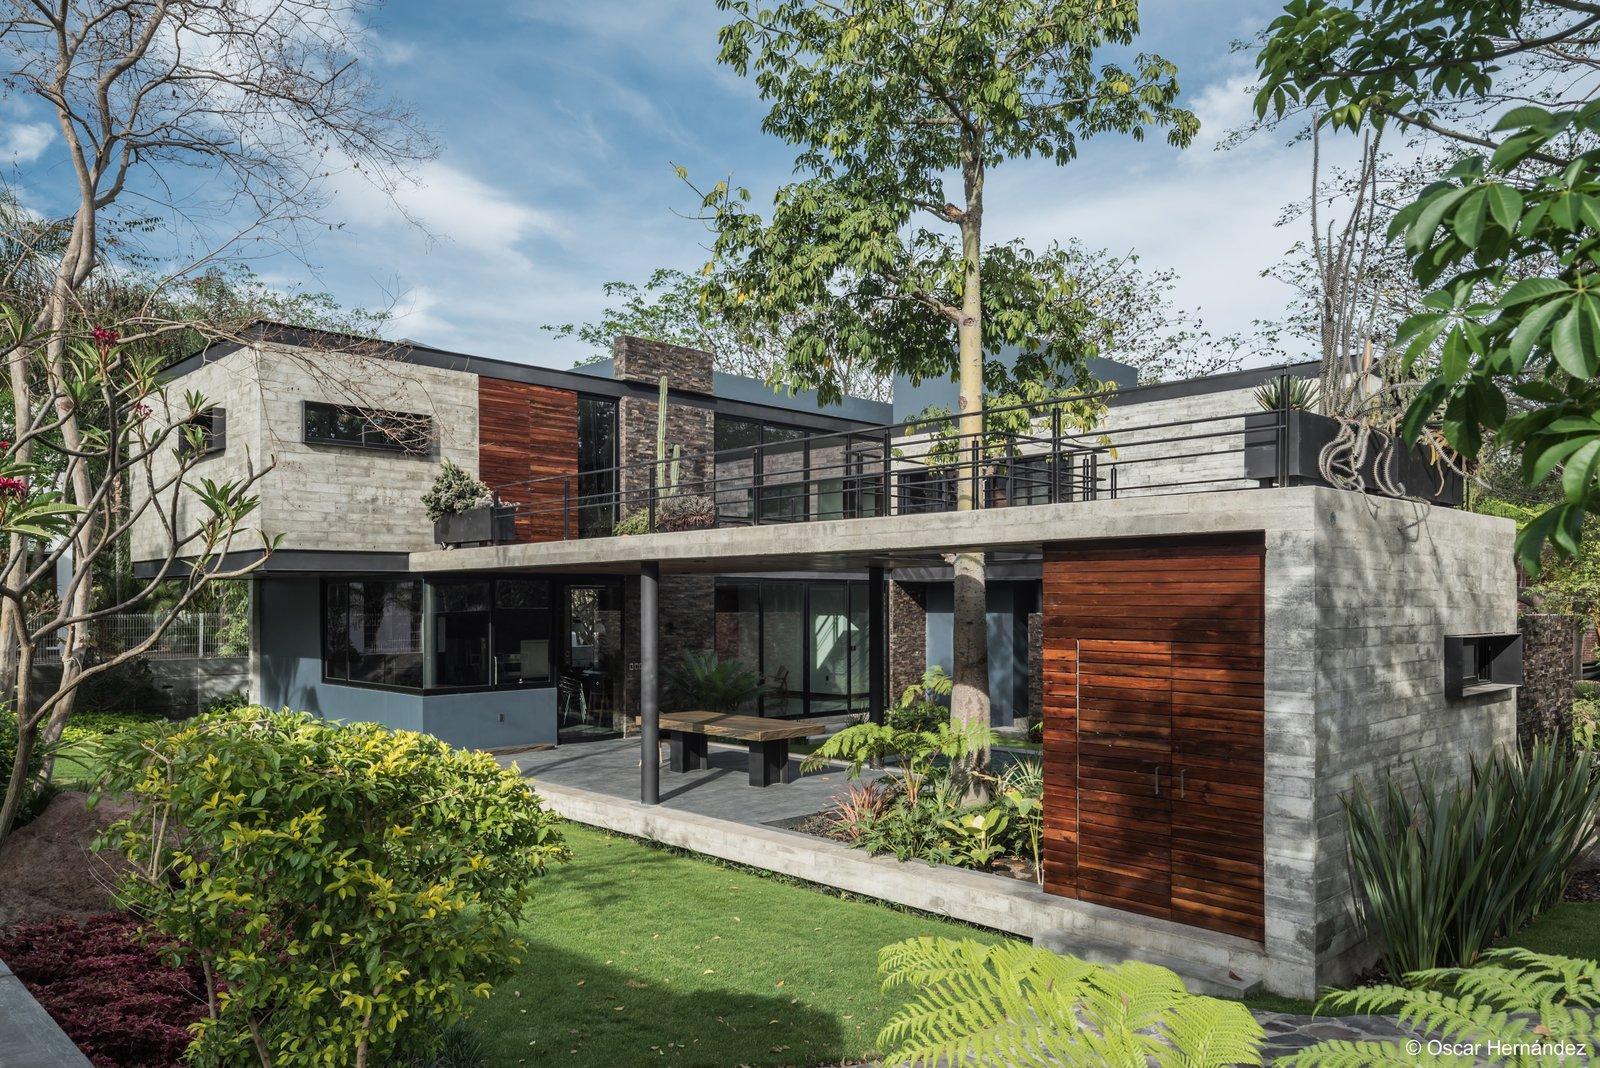 Cantilever on backyard  Casa Kalyvas by Taller de Arquitectura